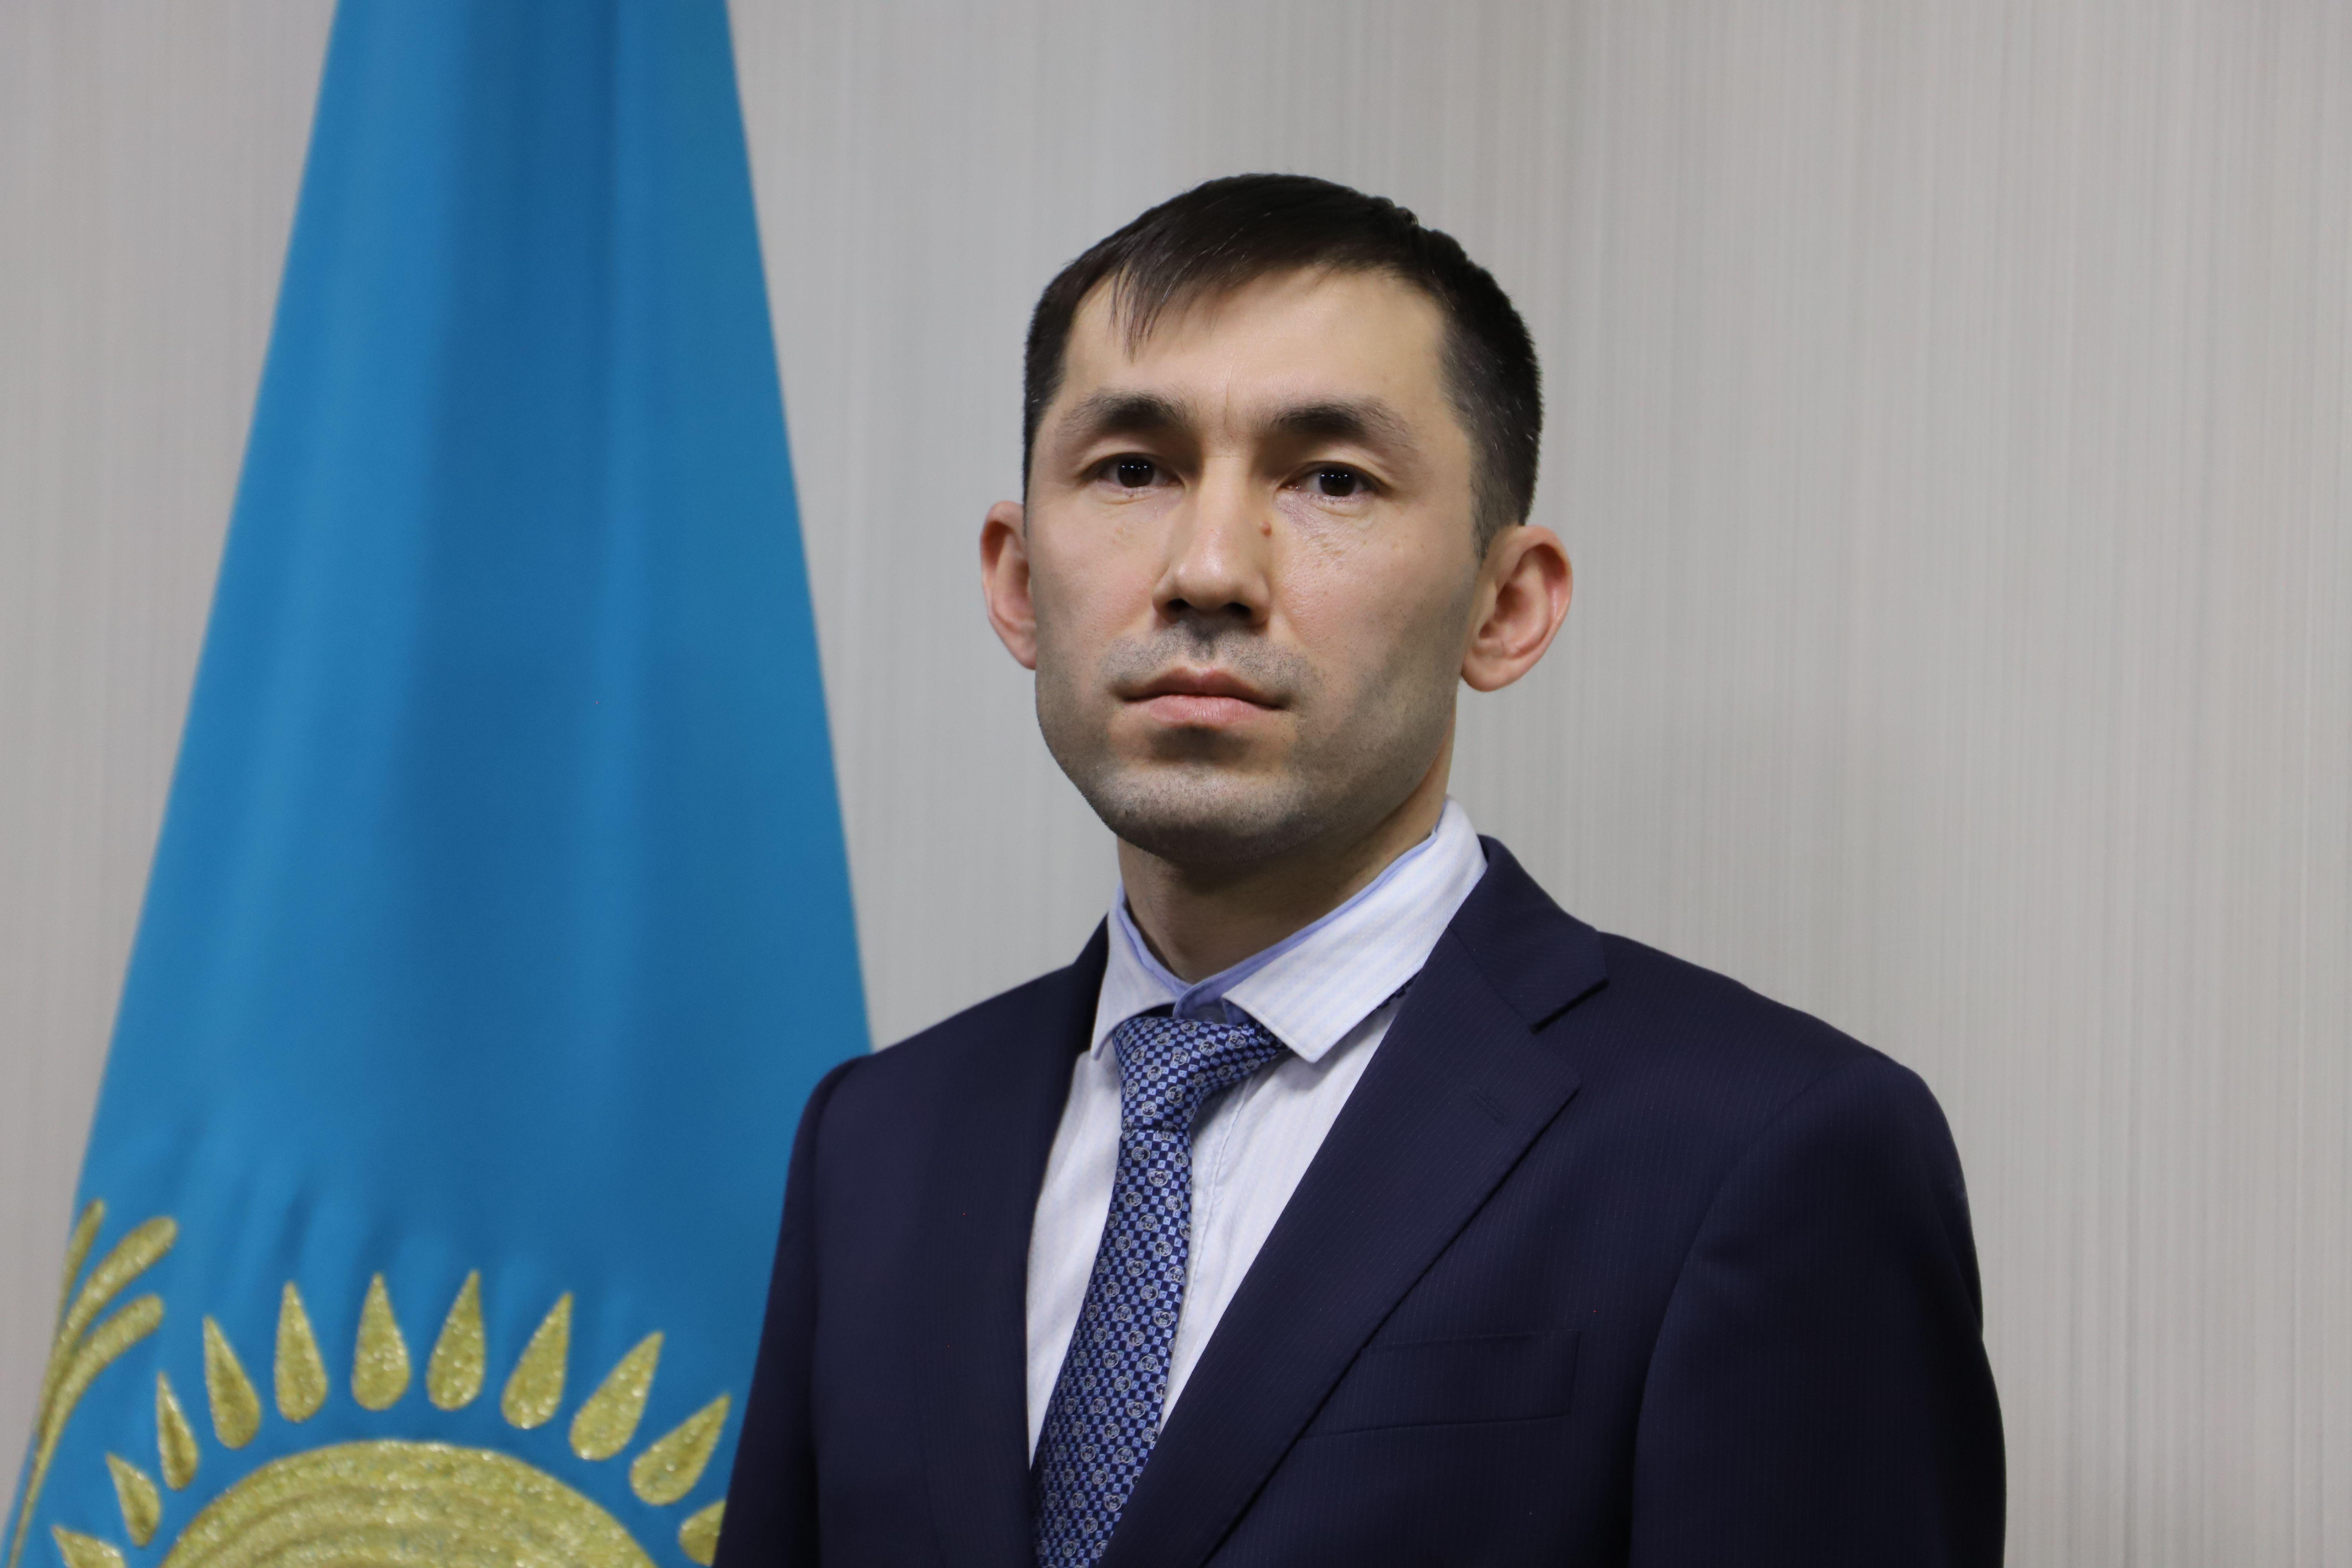 Досье: Кожахметов Бахтияр Дюсенбаевич, Бахтияр Кожахметов,  Министерство финансов, досье